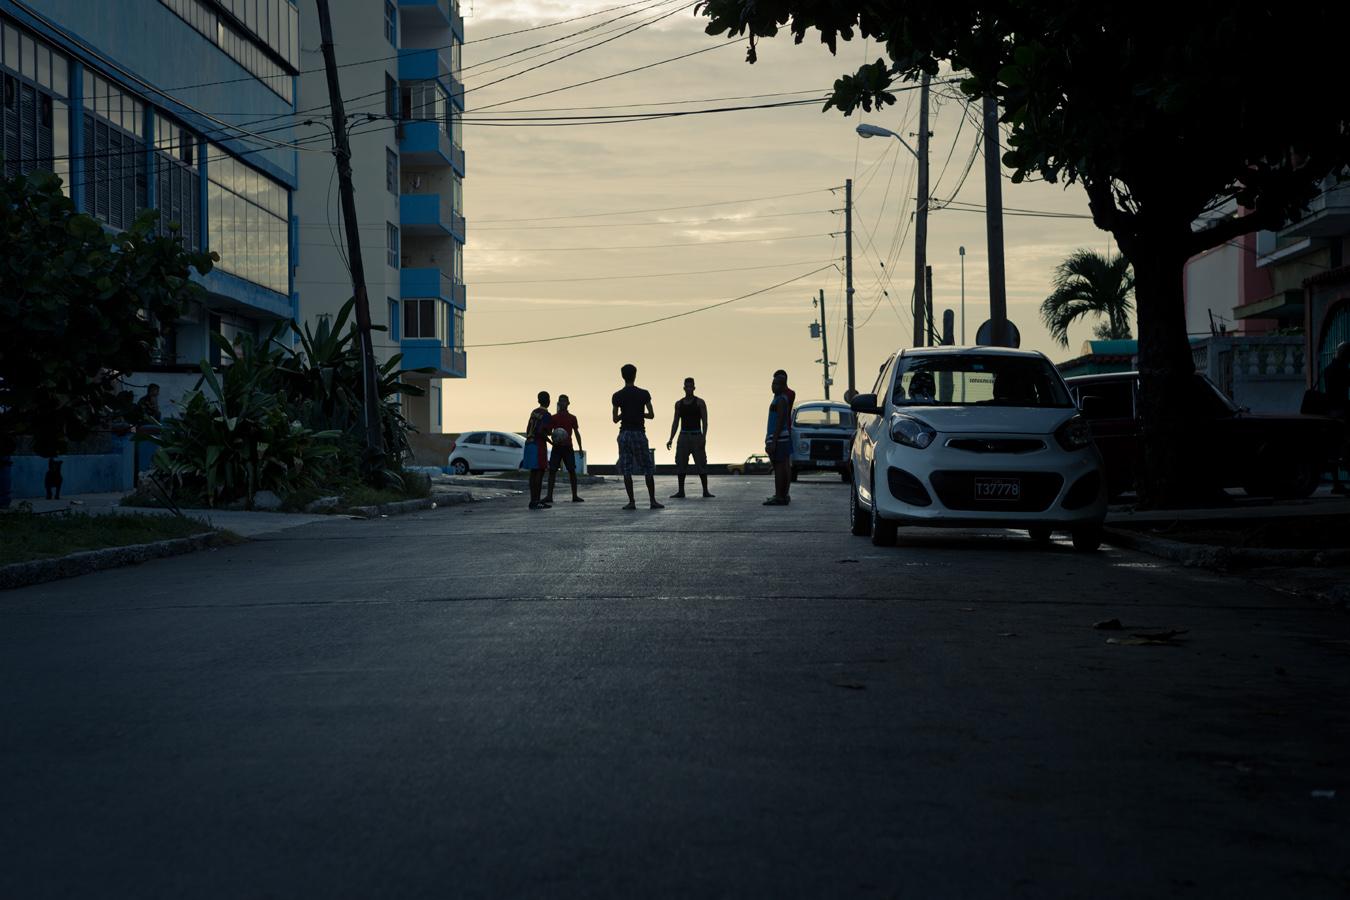 street football - Havana